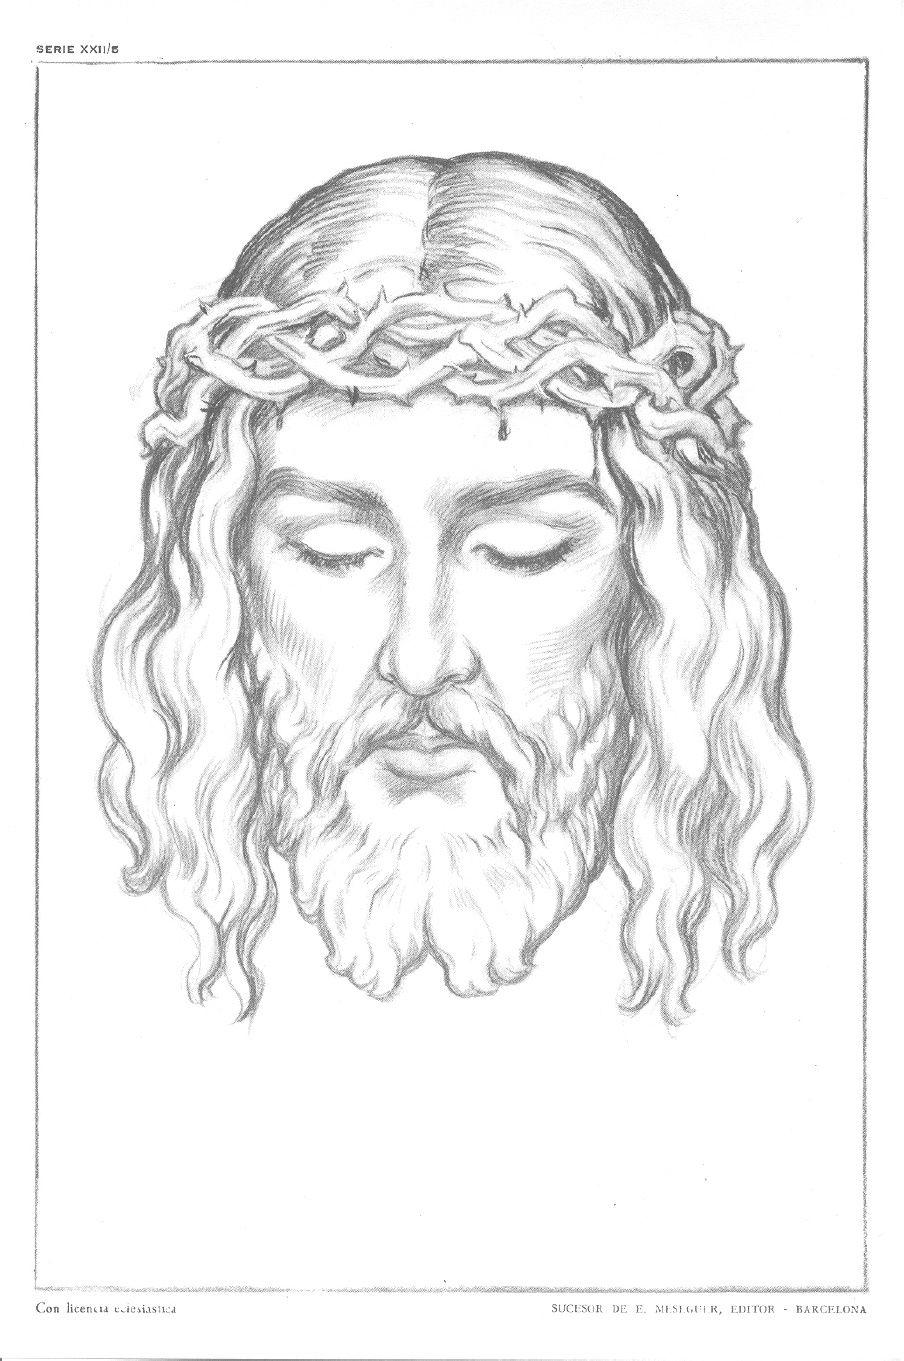 Laminas Emilio Freixas Serie 22 Figuras Religiosas I Dibujos De Jesus Figuras Religiosas Arte De Jesus